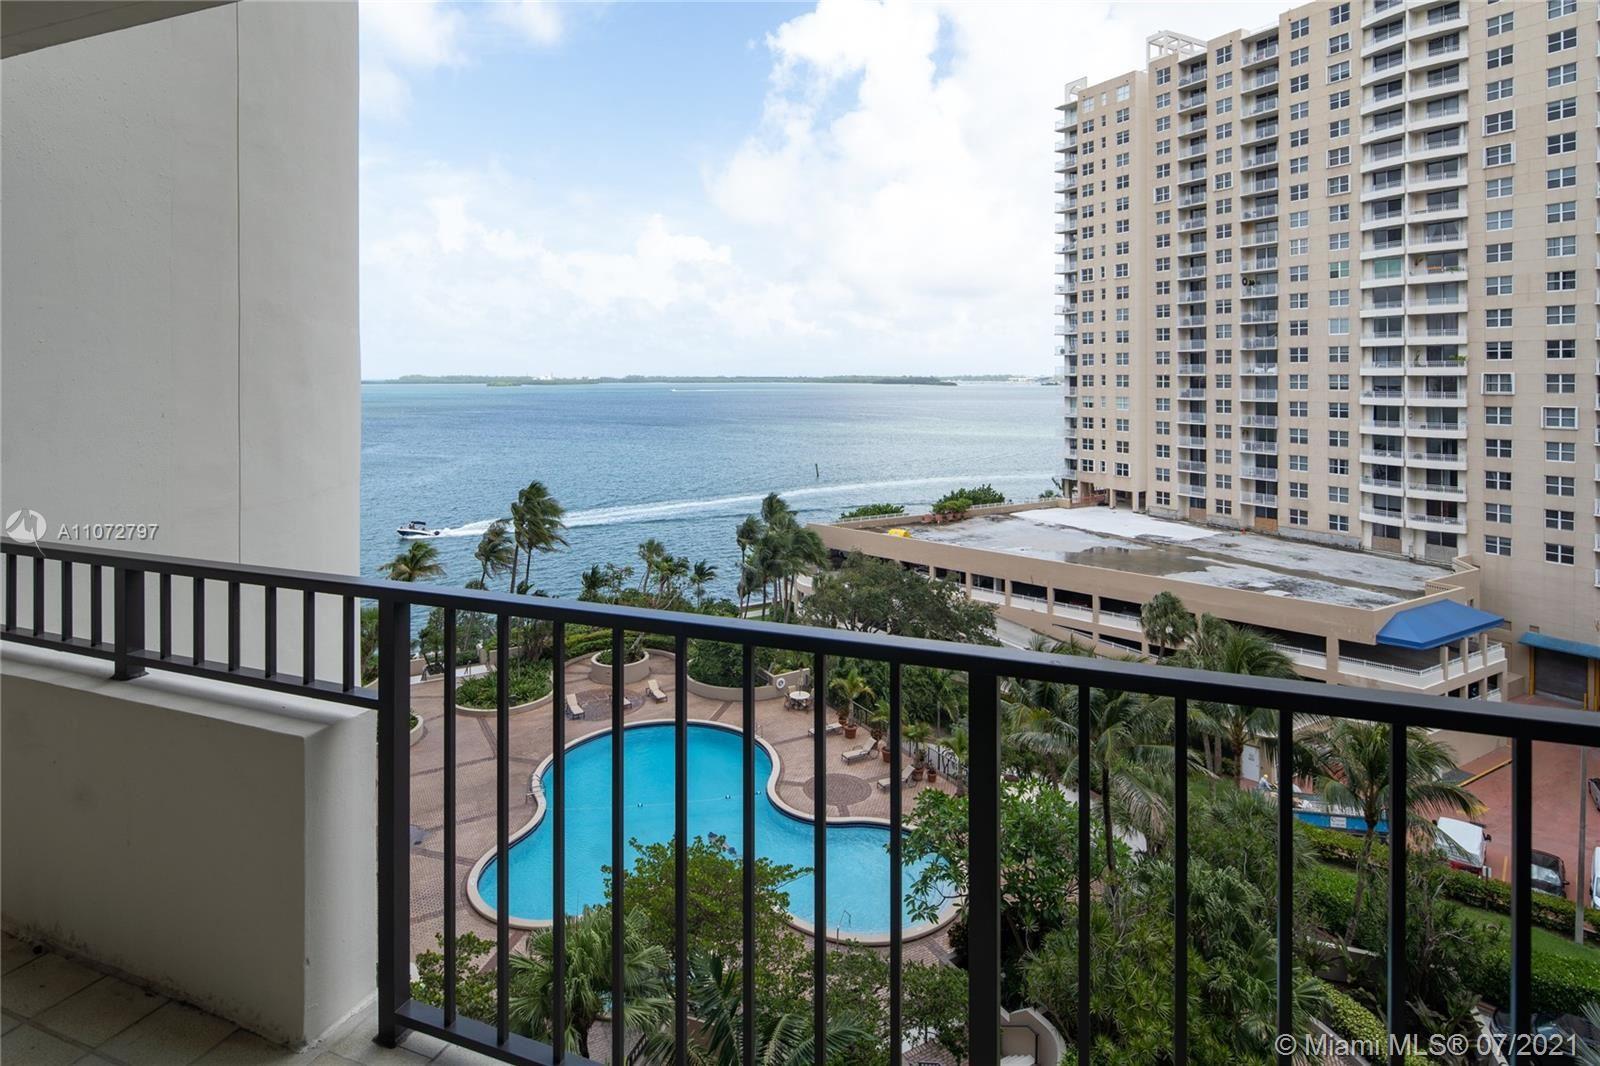 520 Brickell Key Dr #A911, Miami, FL 33131 - #: A11072797